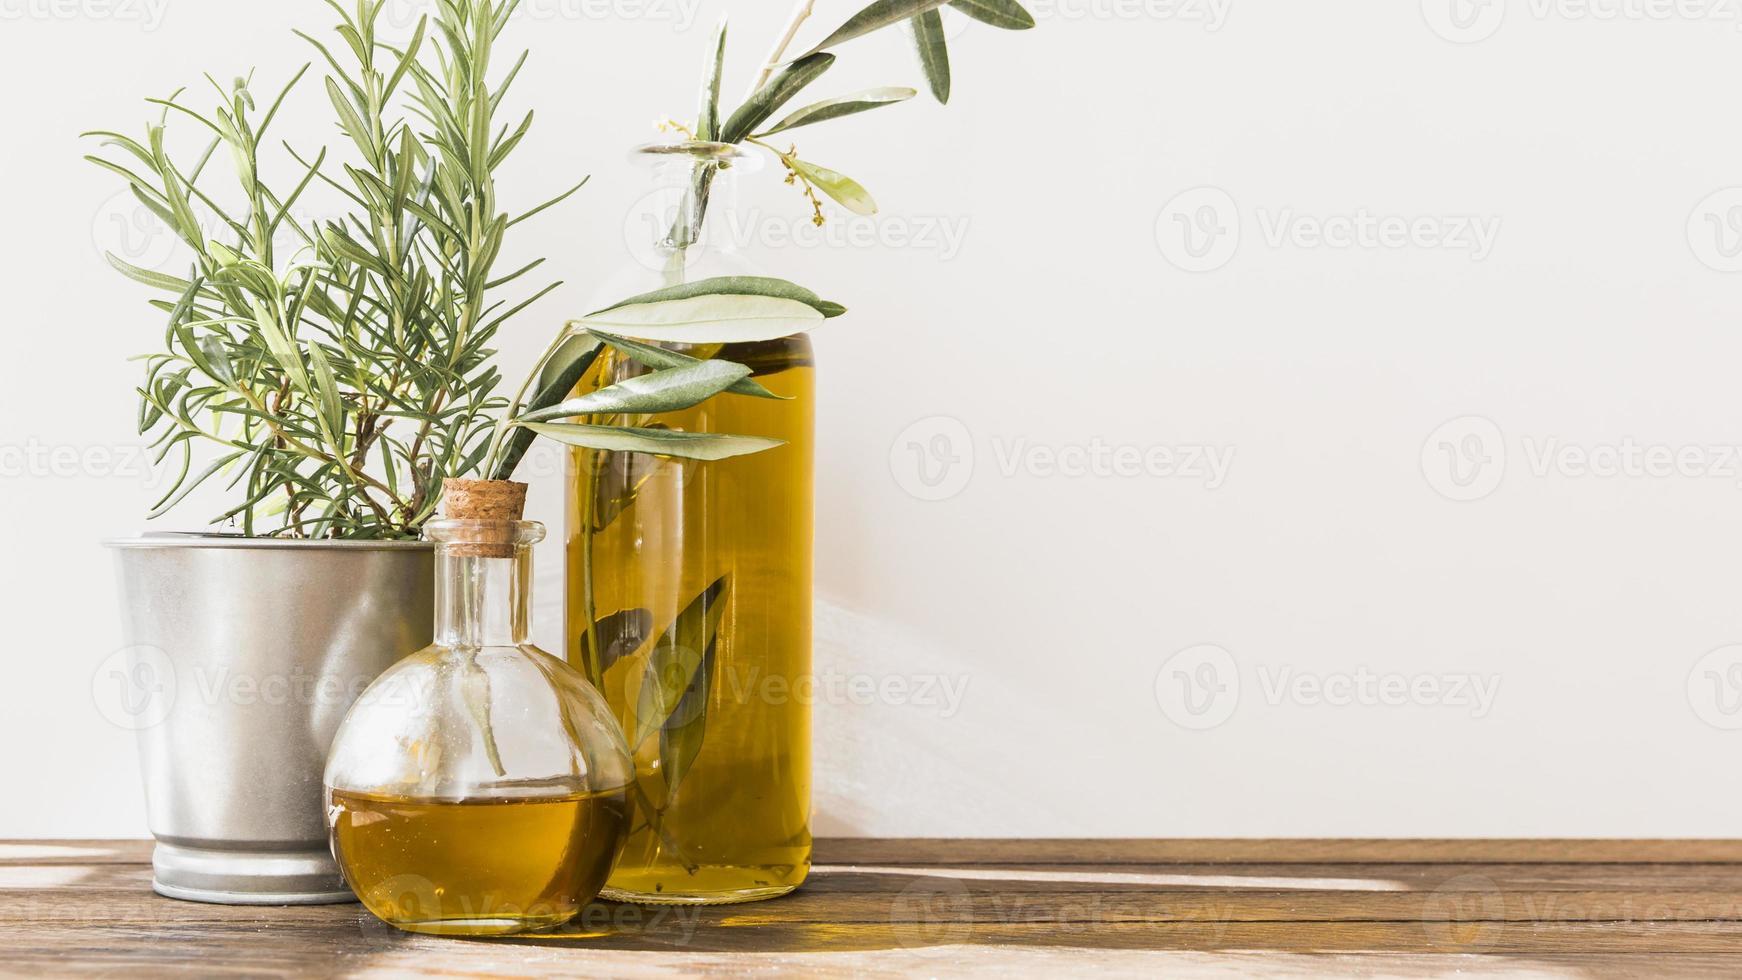 Romero con botellas de aceite de oliva en la mesa de madera foto